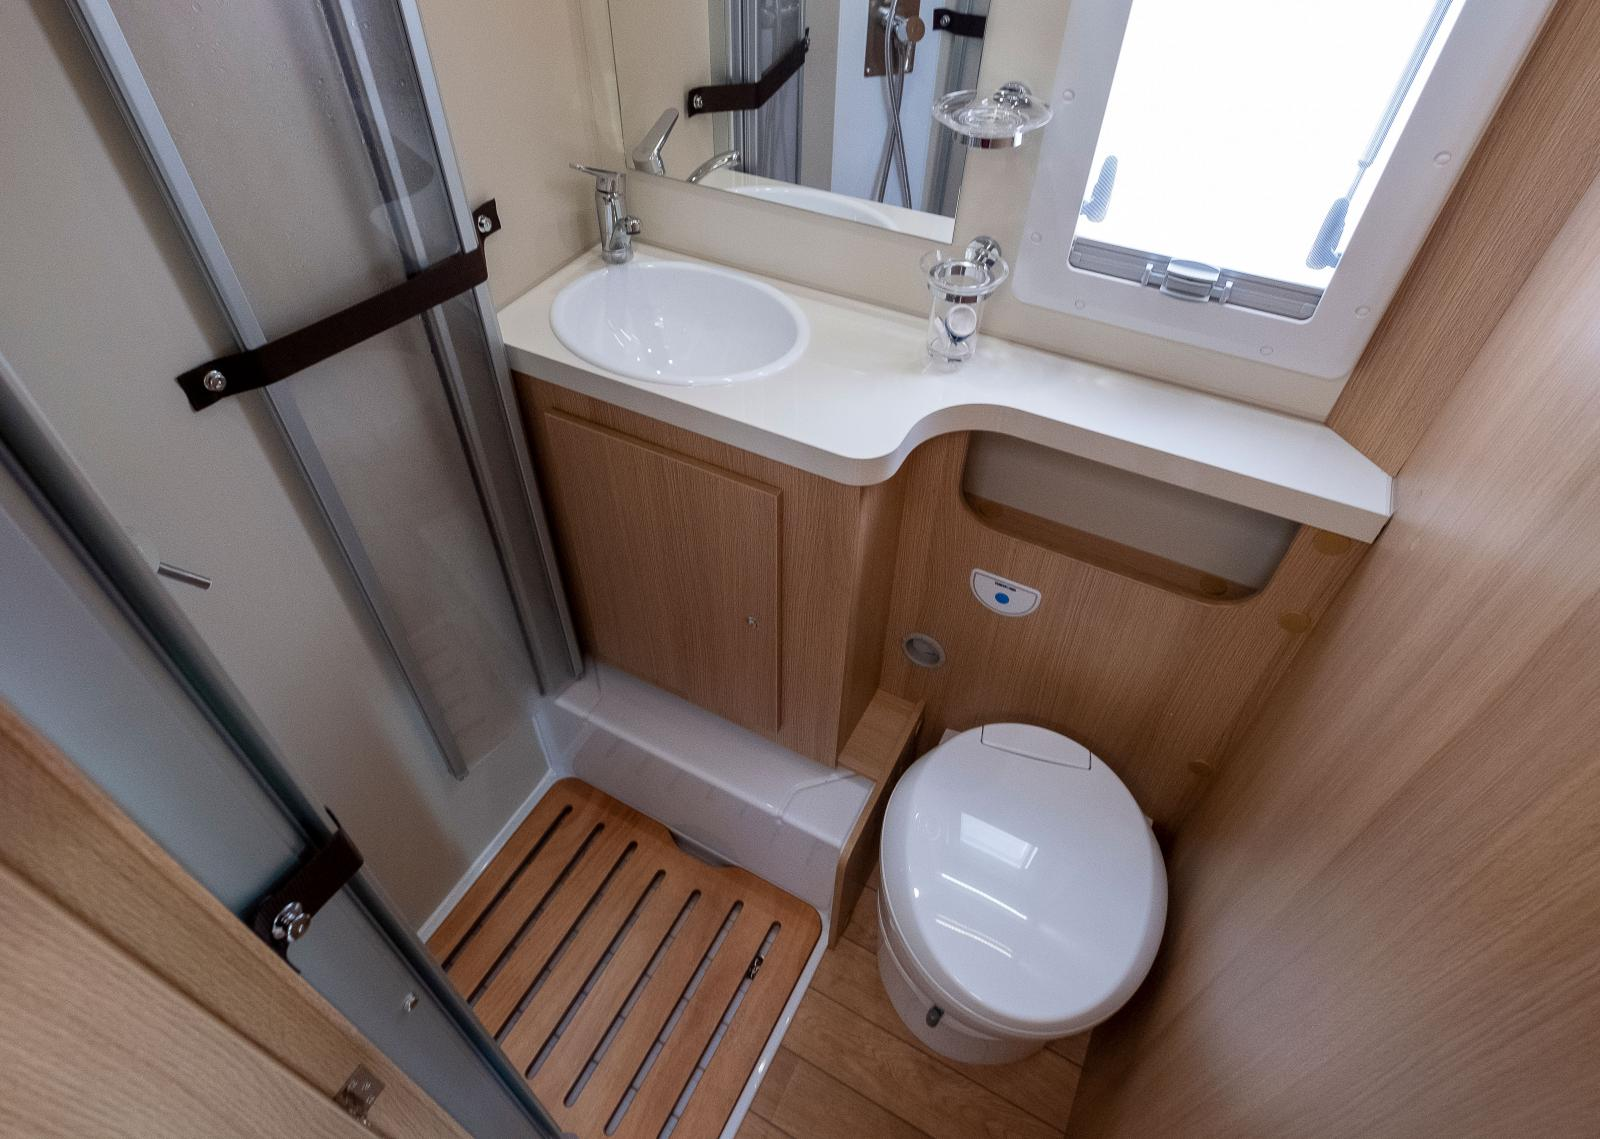 Ljust och fräscht i badrummet. Duschdörrarna kan spännas fast.